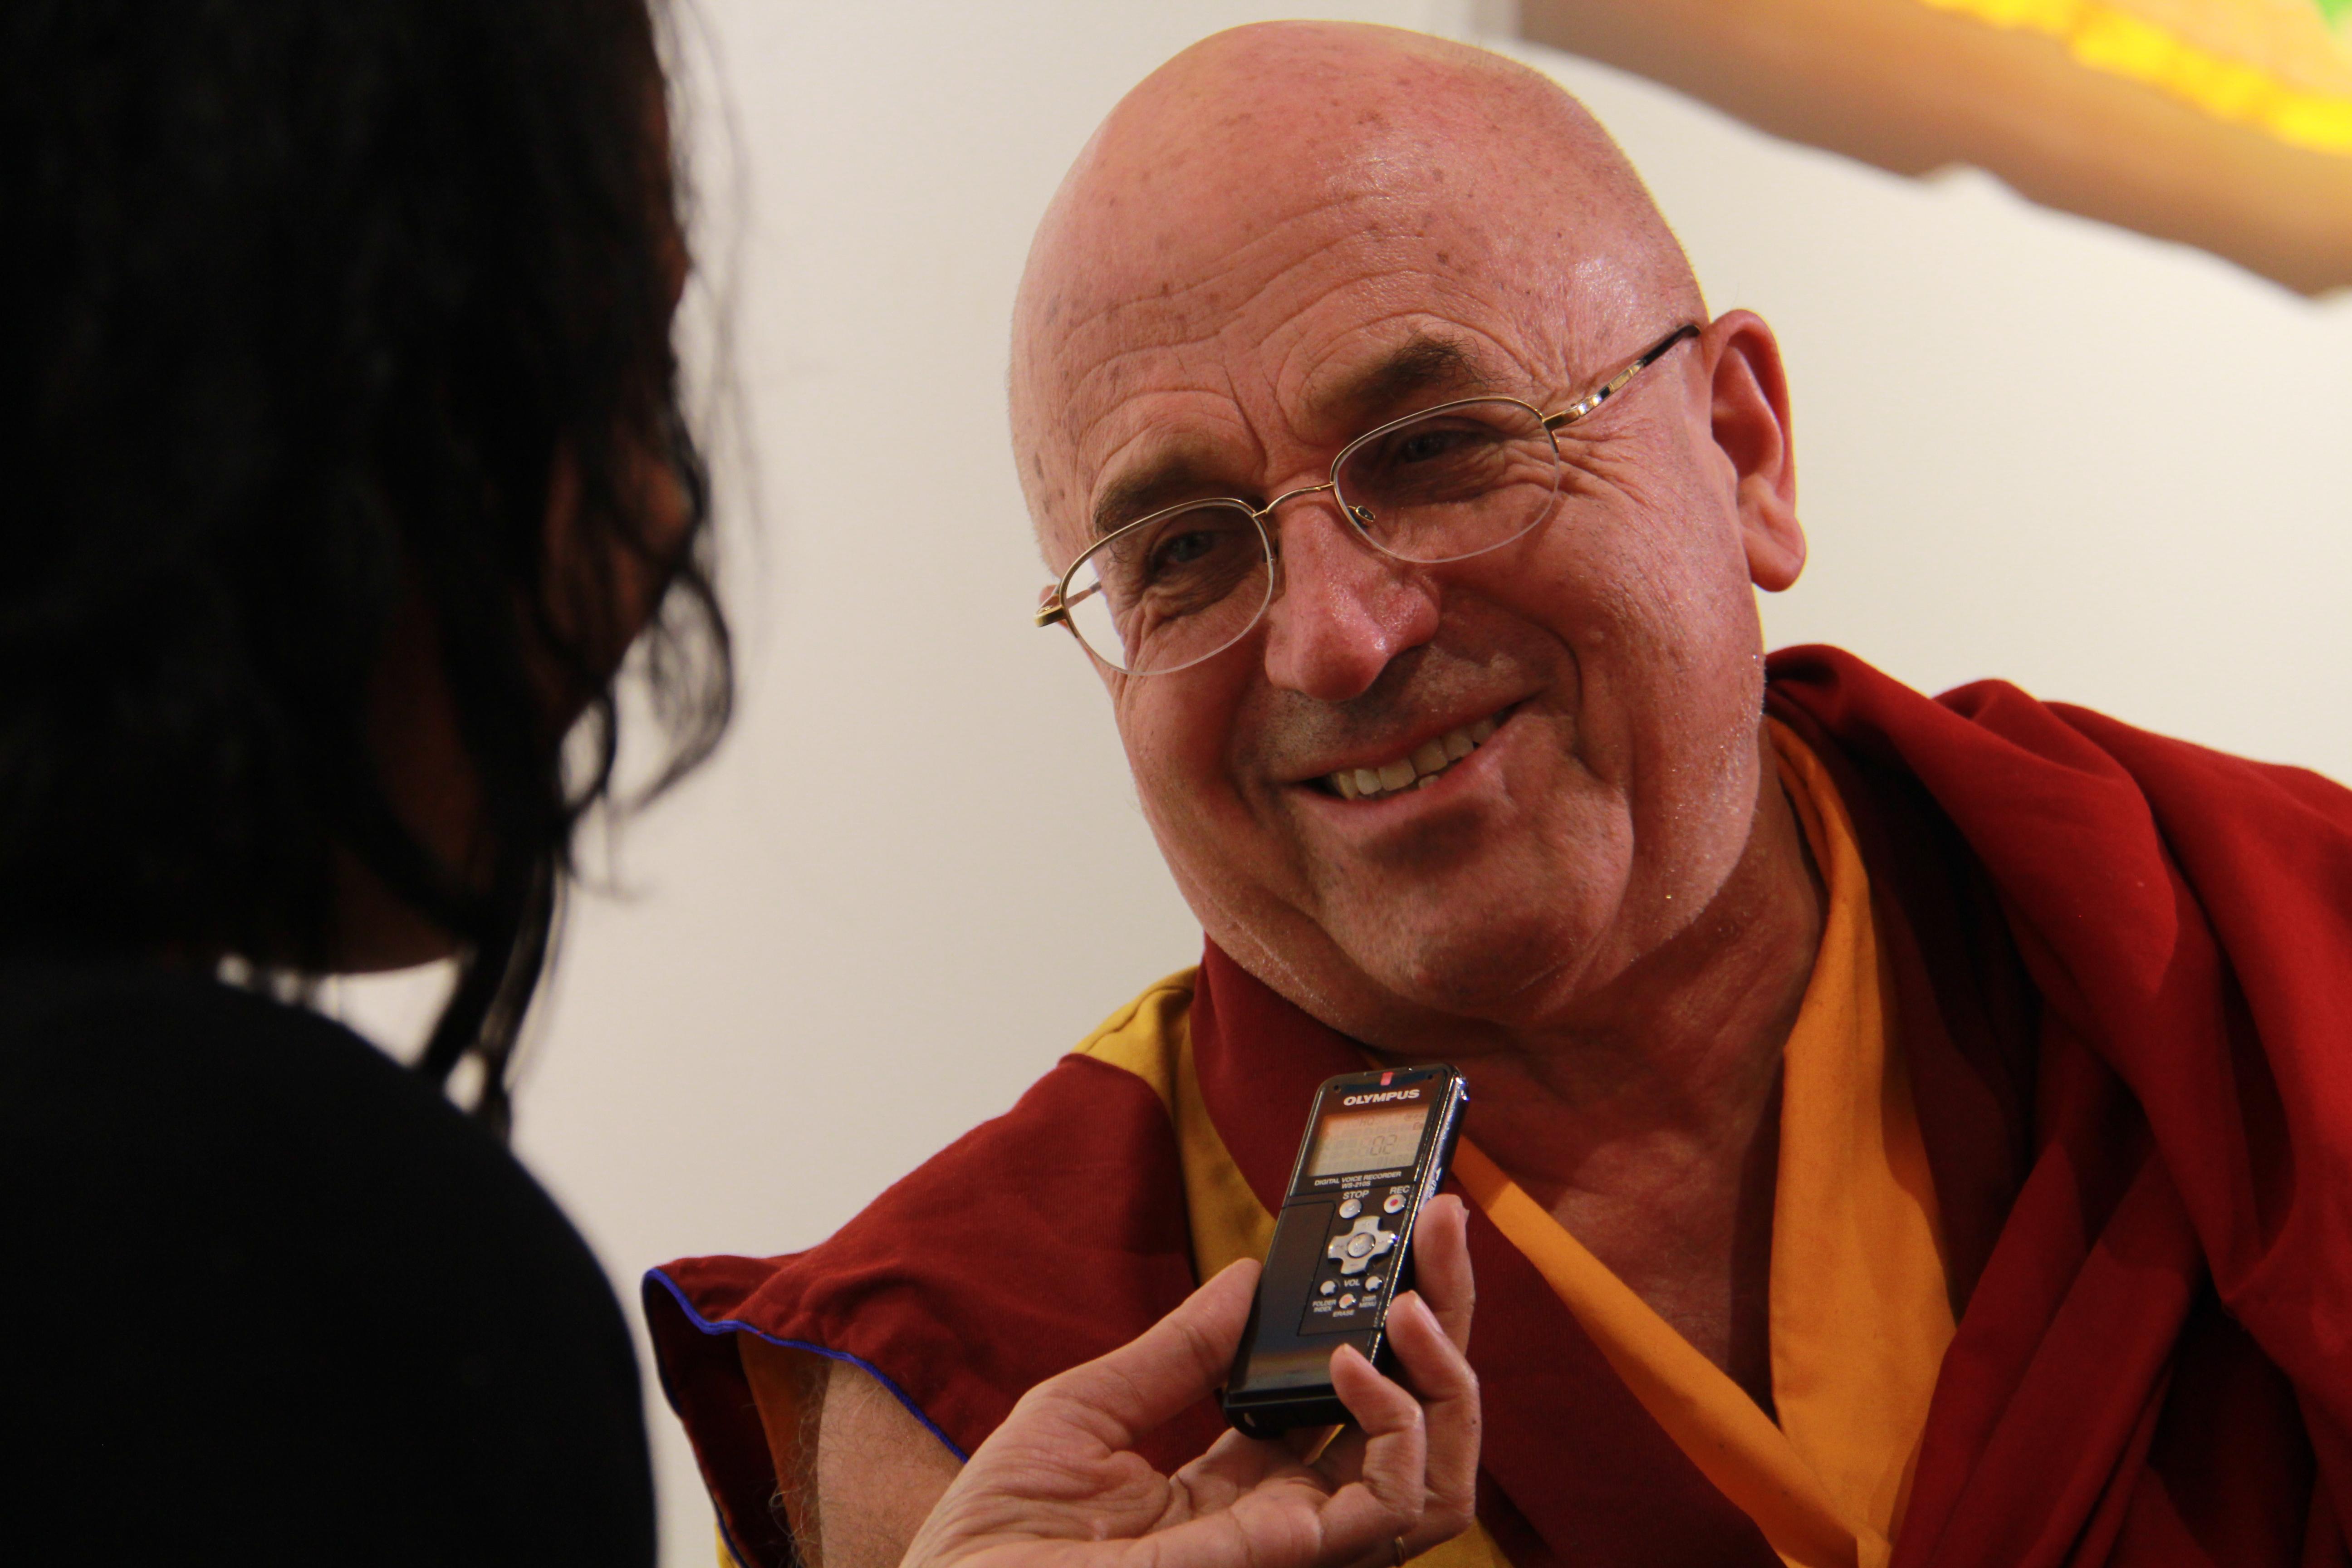 Matthieu Ricard à la TOHU : « Il faut oser l'altruisme »